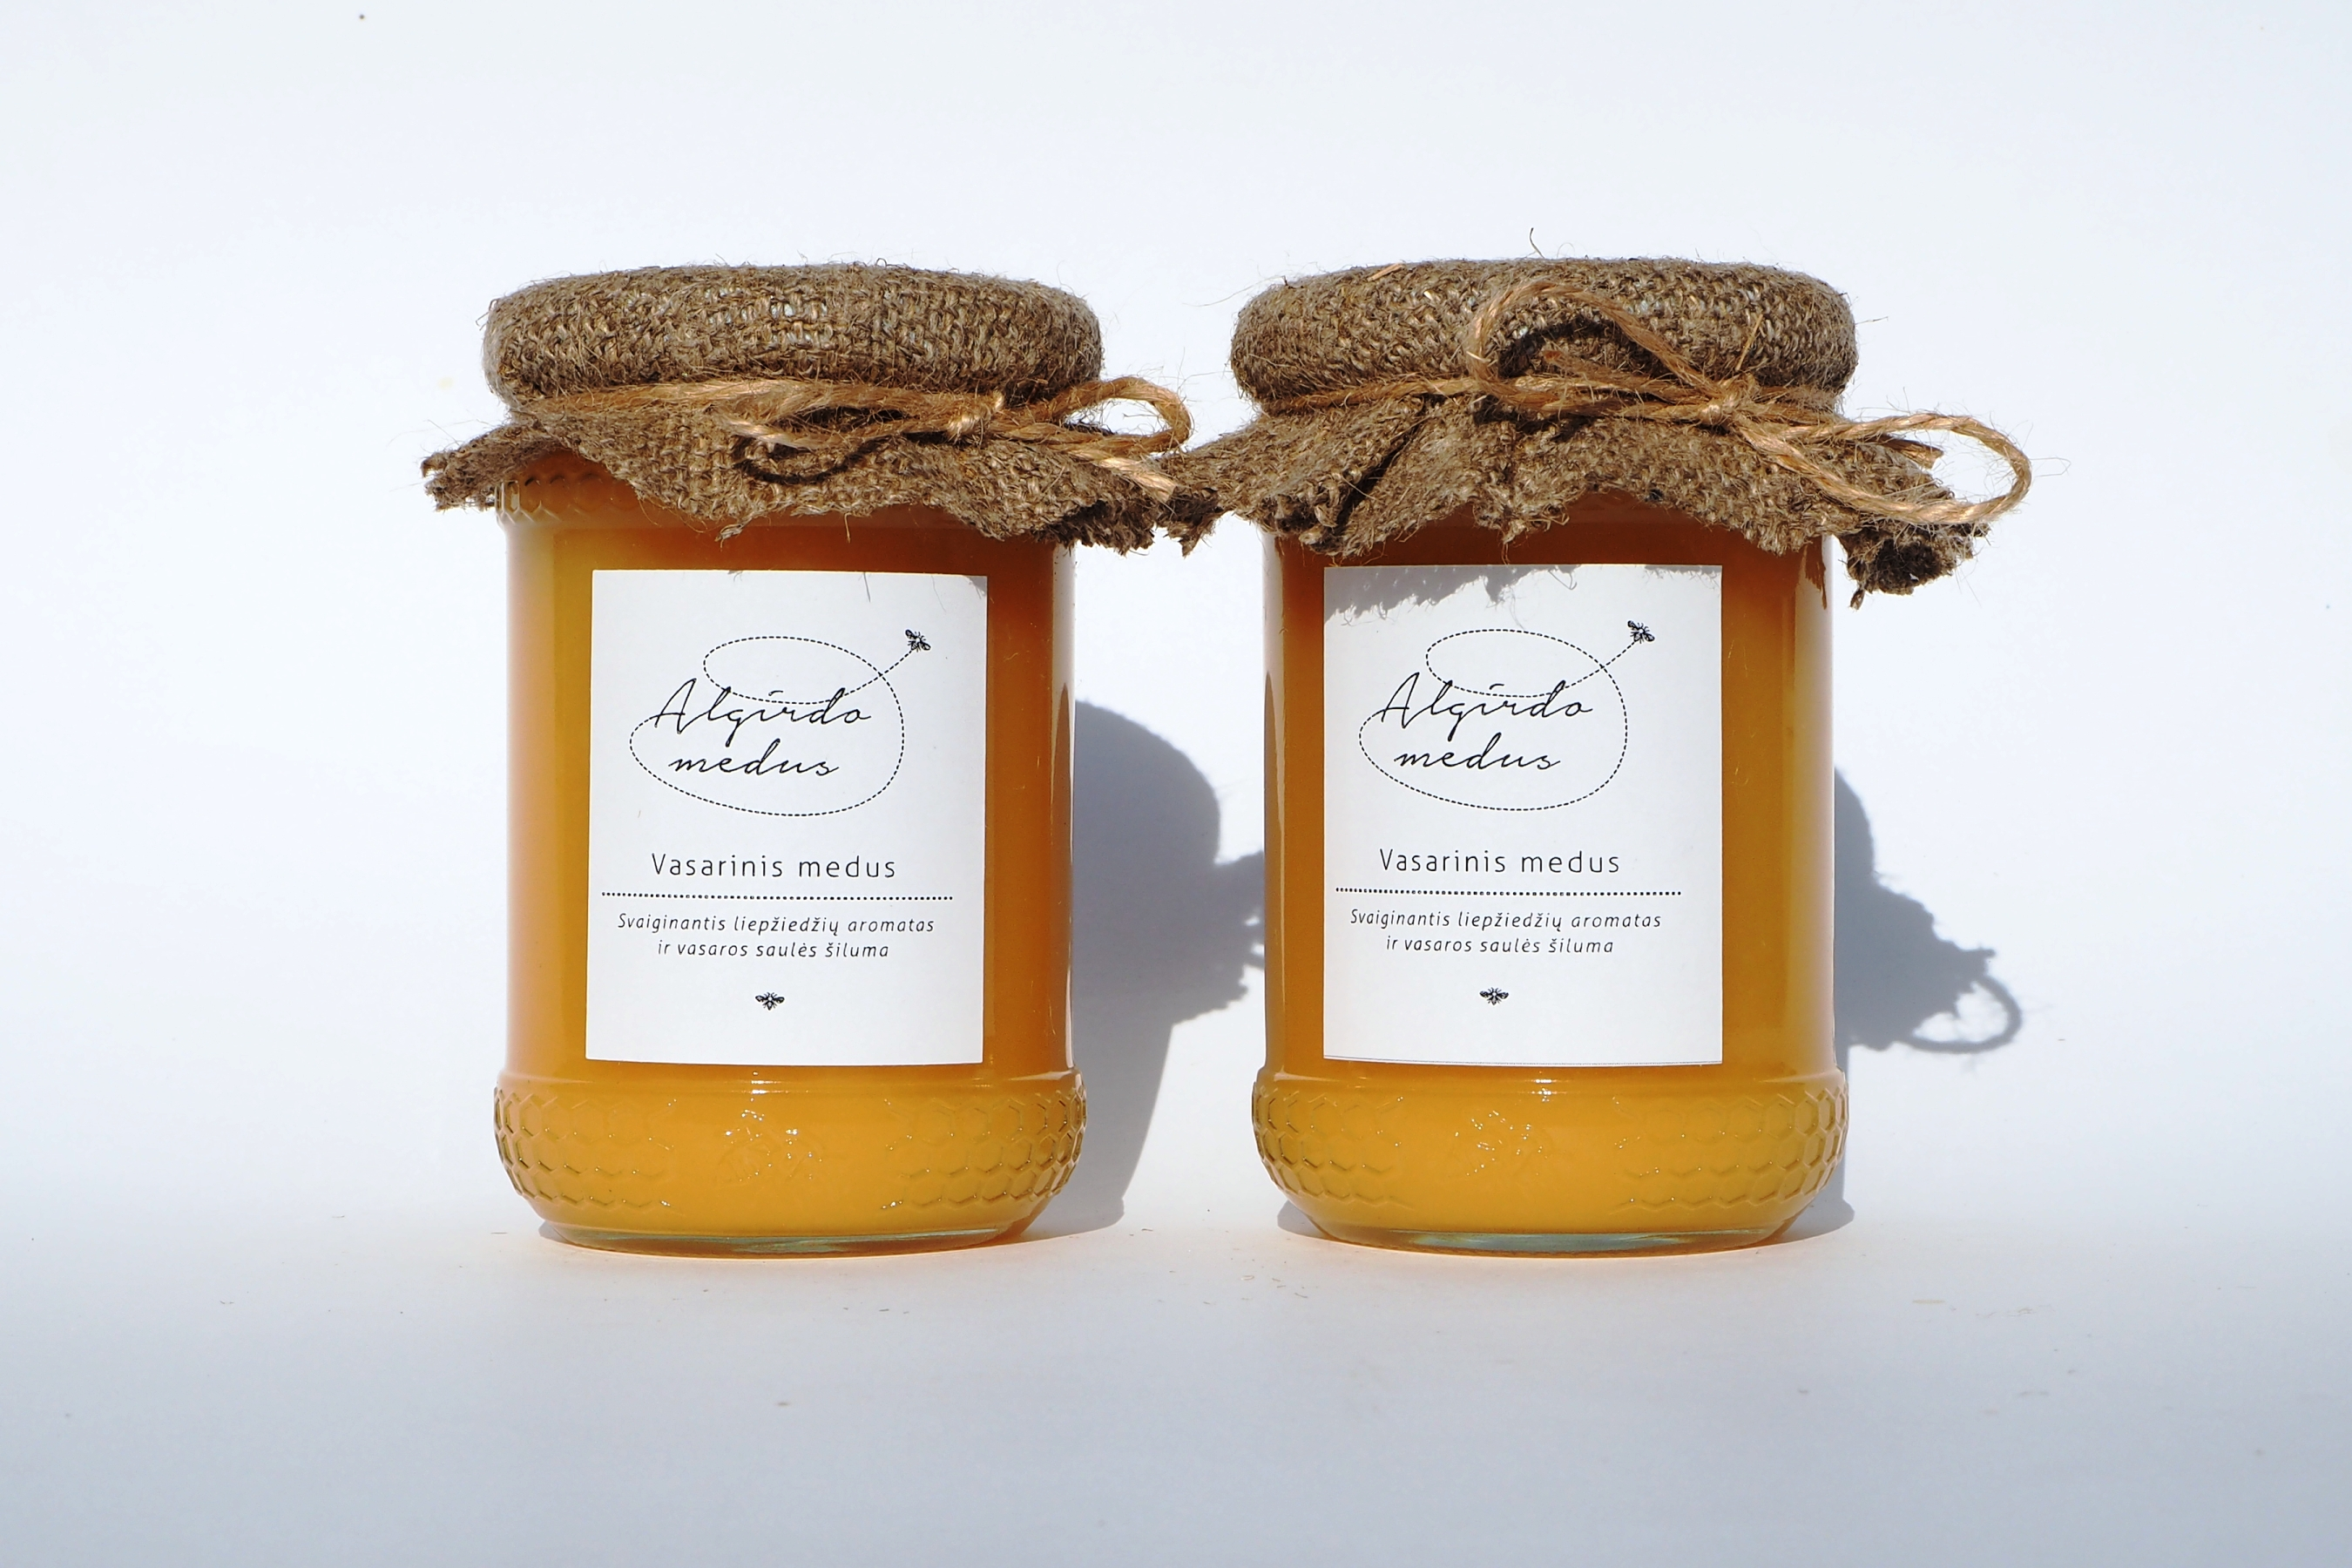 Vasarinis (liepų) medus bičių korio motyvais dekoruotame stiklainėlyje. Grynasis kiekis – 400 g.